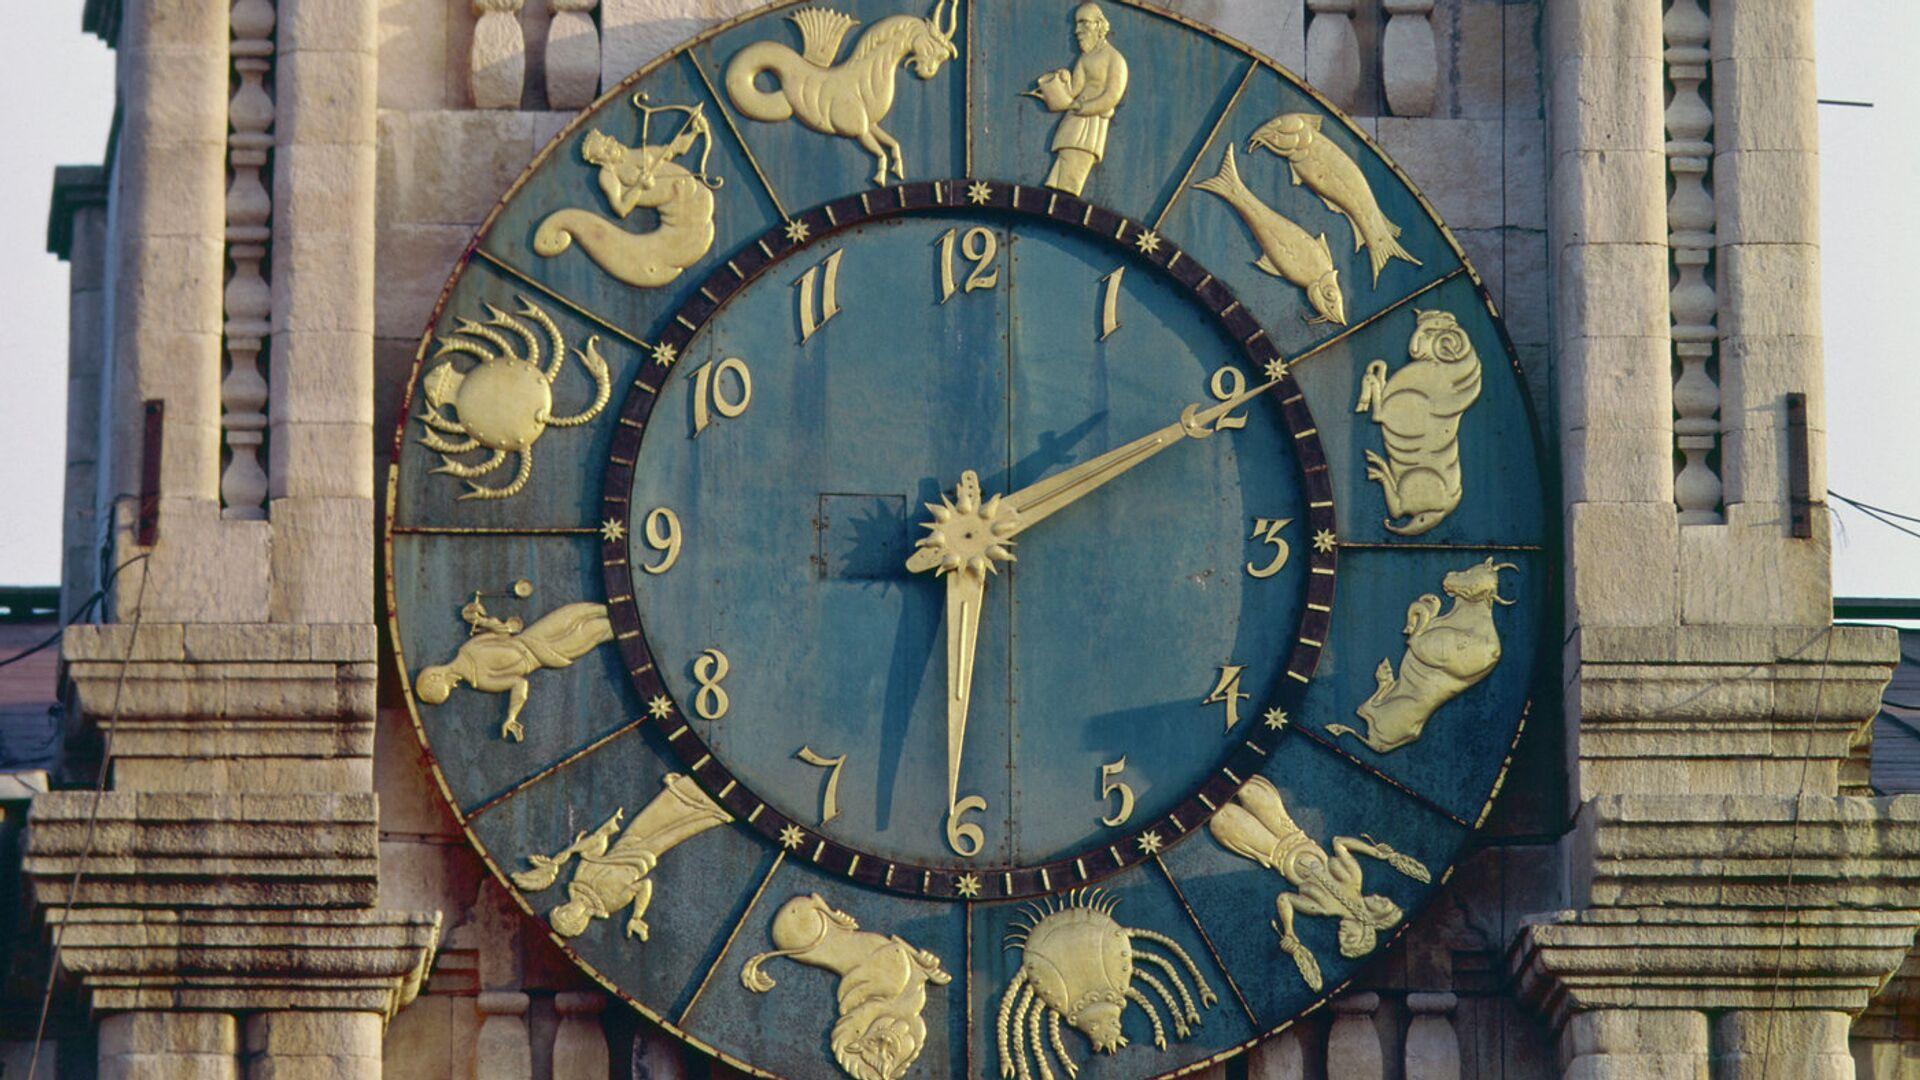 Часы на башне Казанского вокзала в Москве - РИА Новости, 1920, 02.02.2021